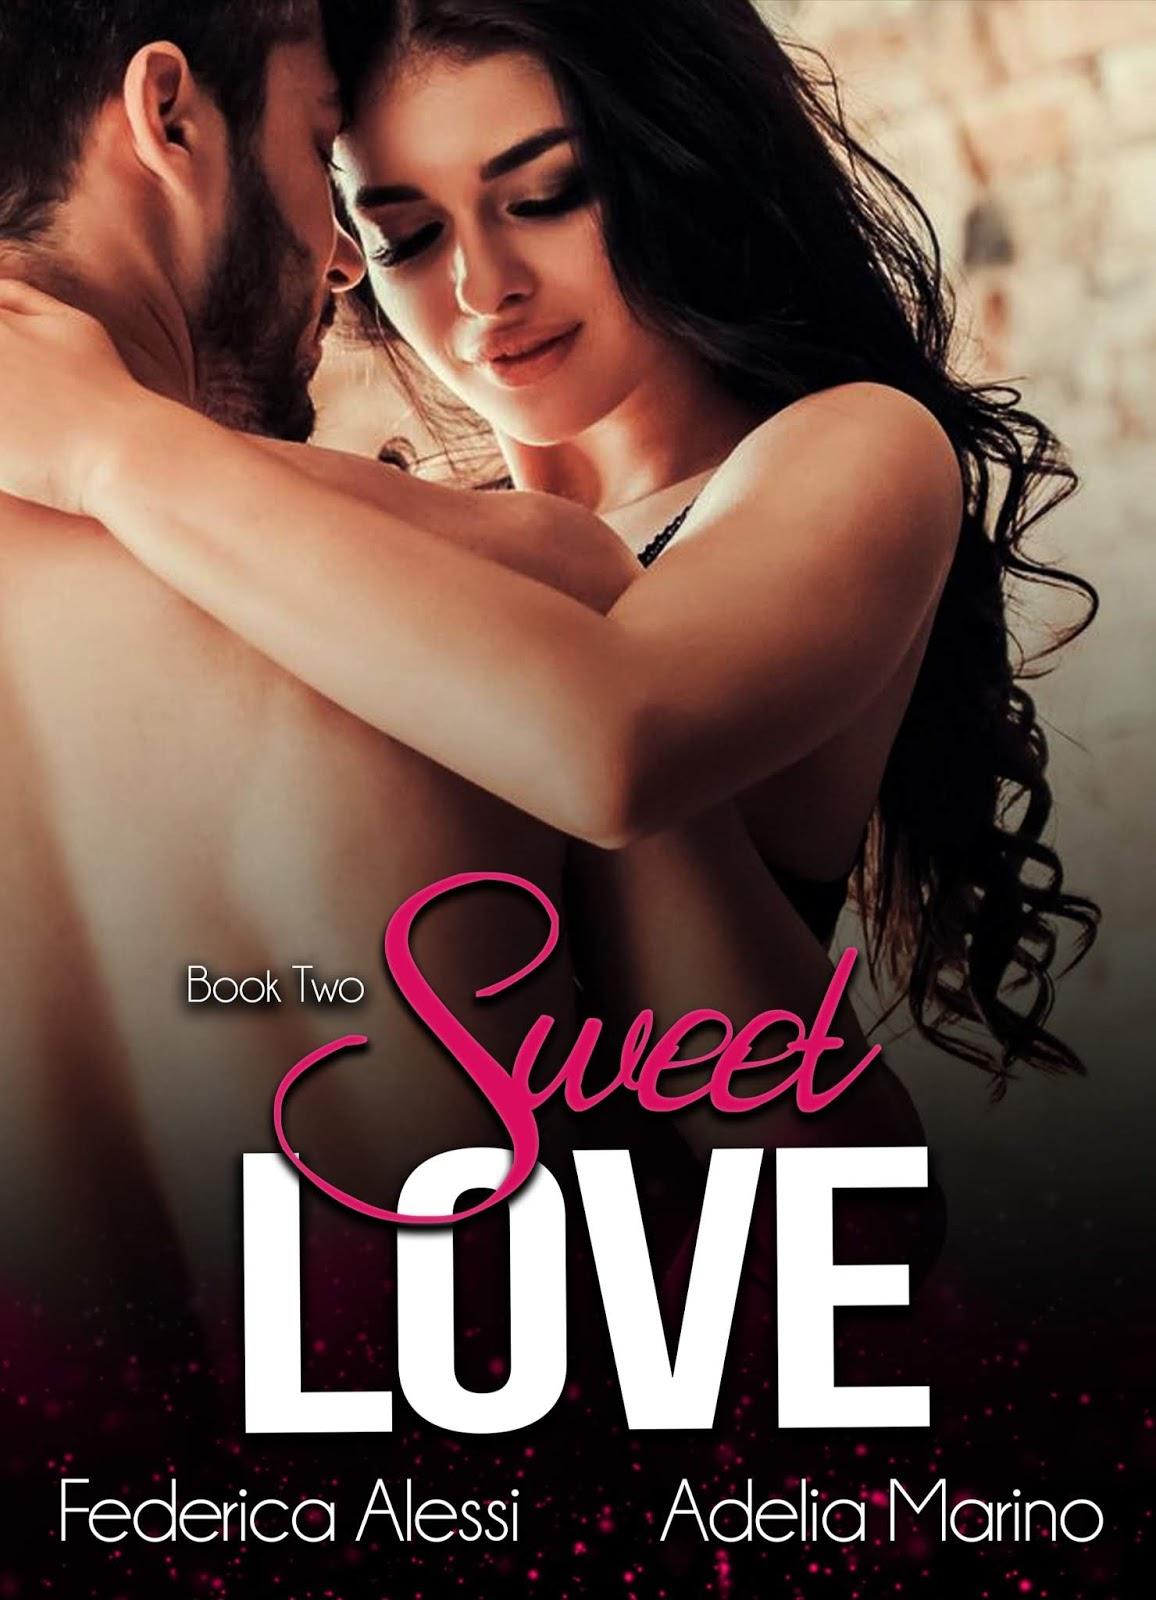 Sweet Love di Federica Alessi e Adelia Marino | Presentazione ...